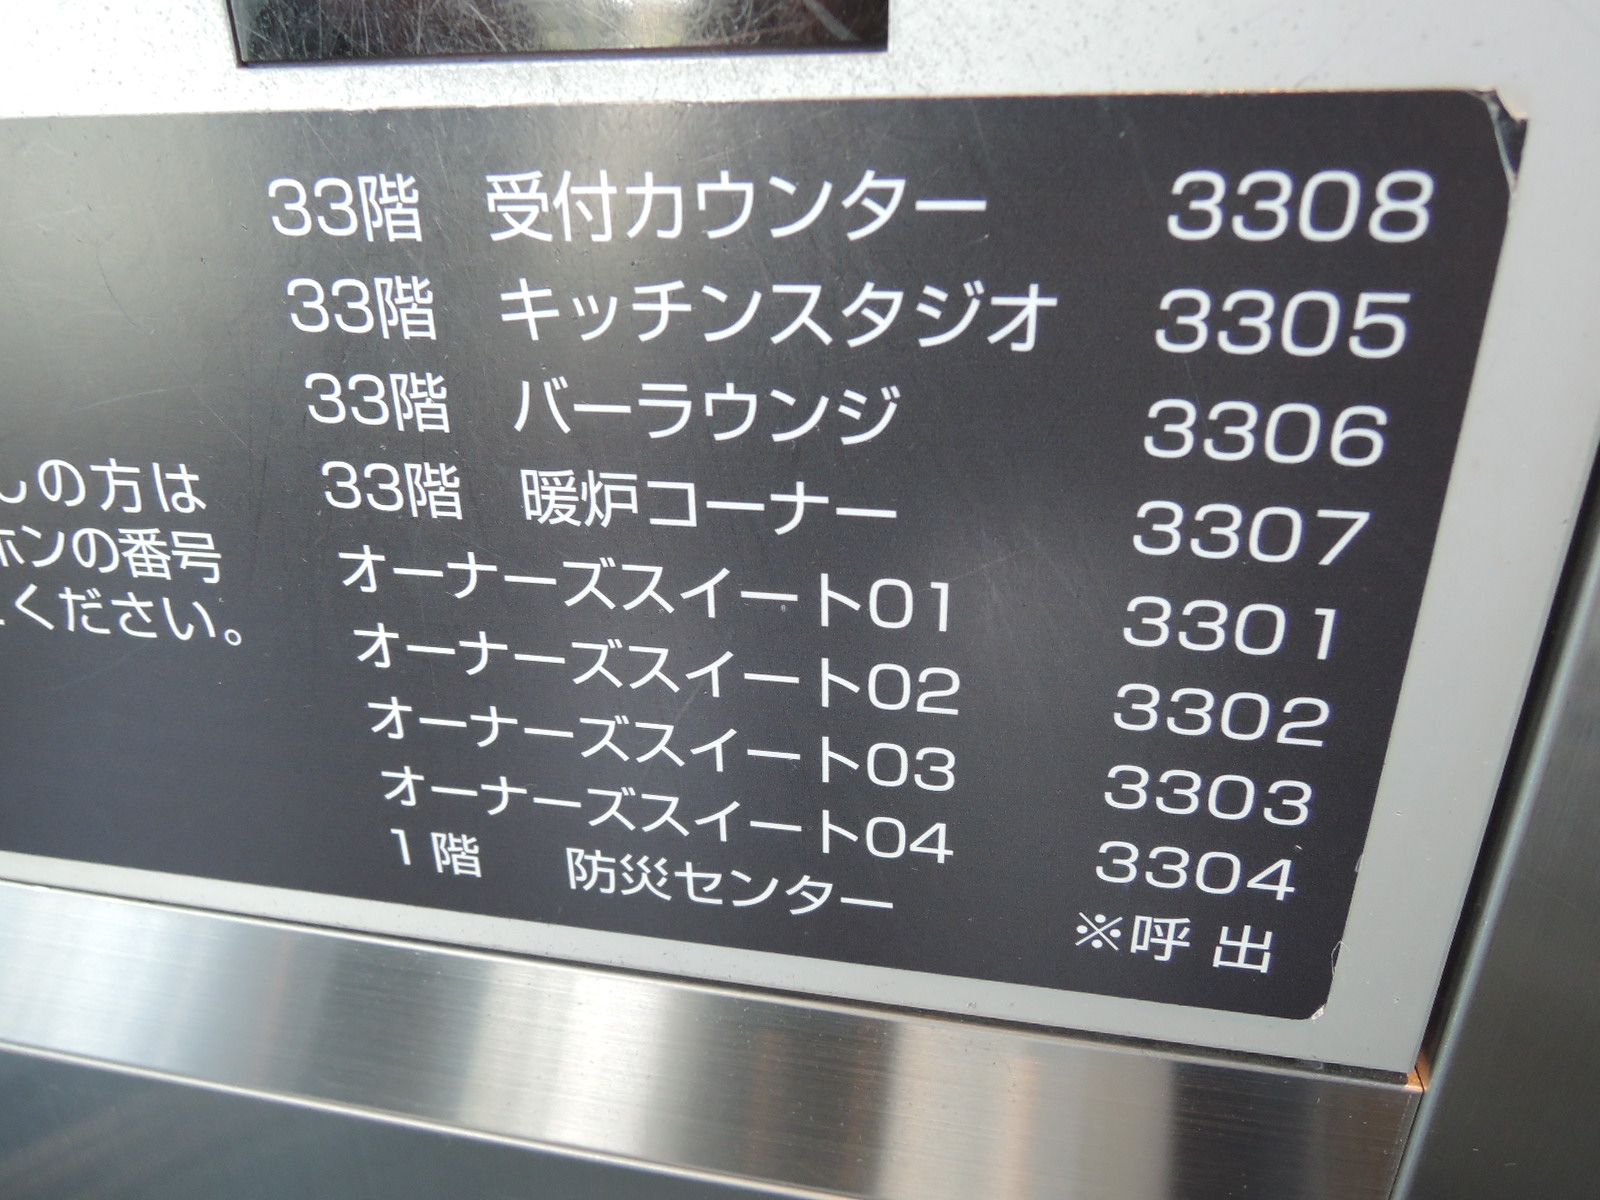 33階は全て共用施設です